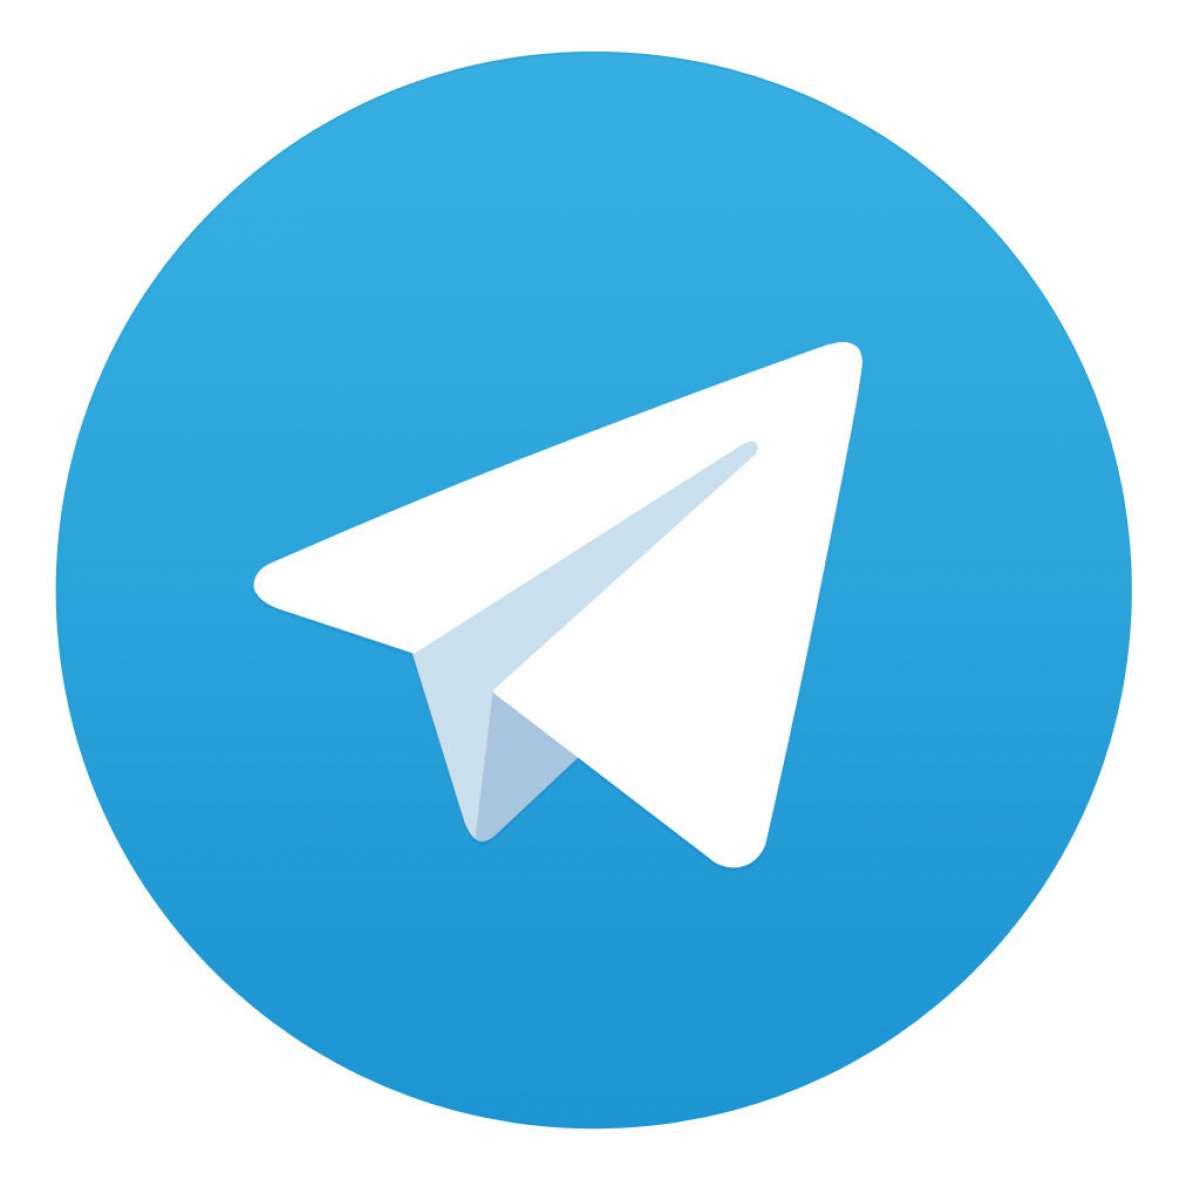 قیمت سفته یک میلیونی درسال 96 کانال-عمرکشون-تلگرام